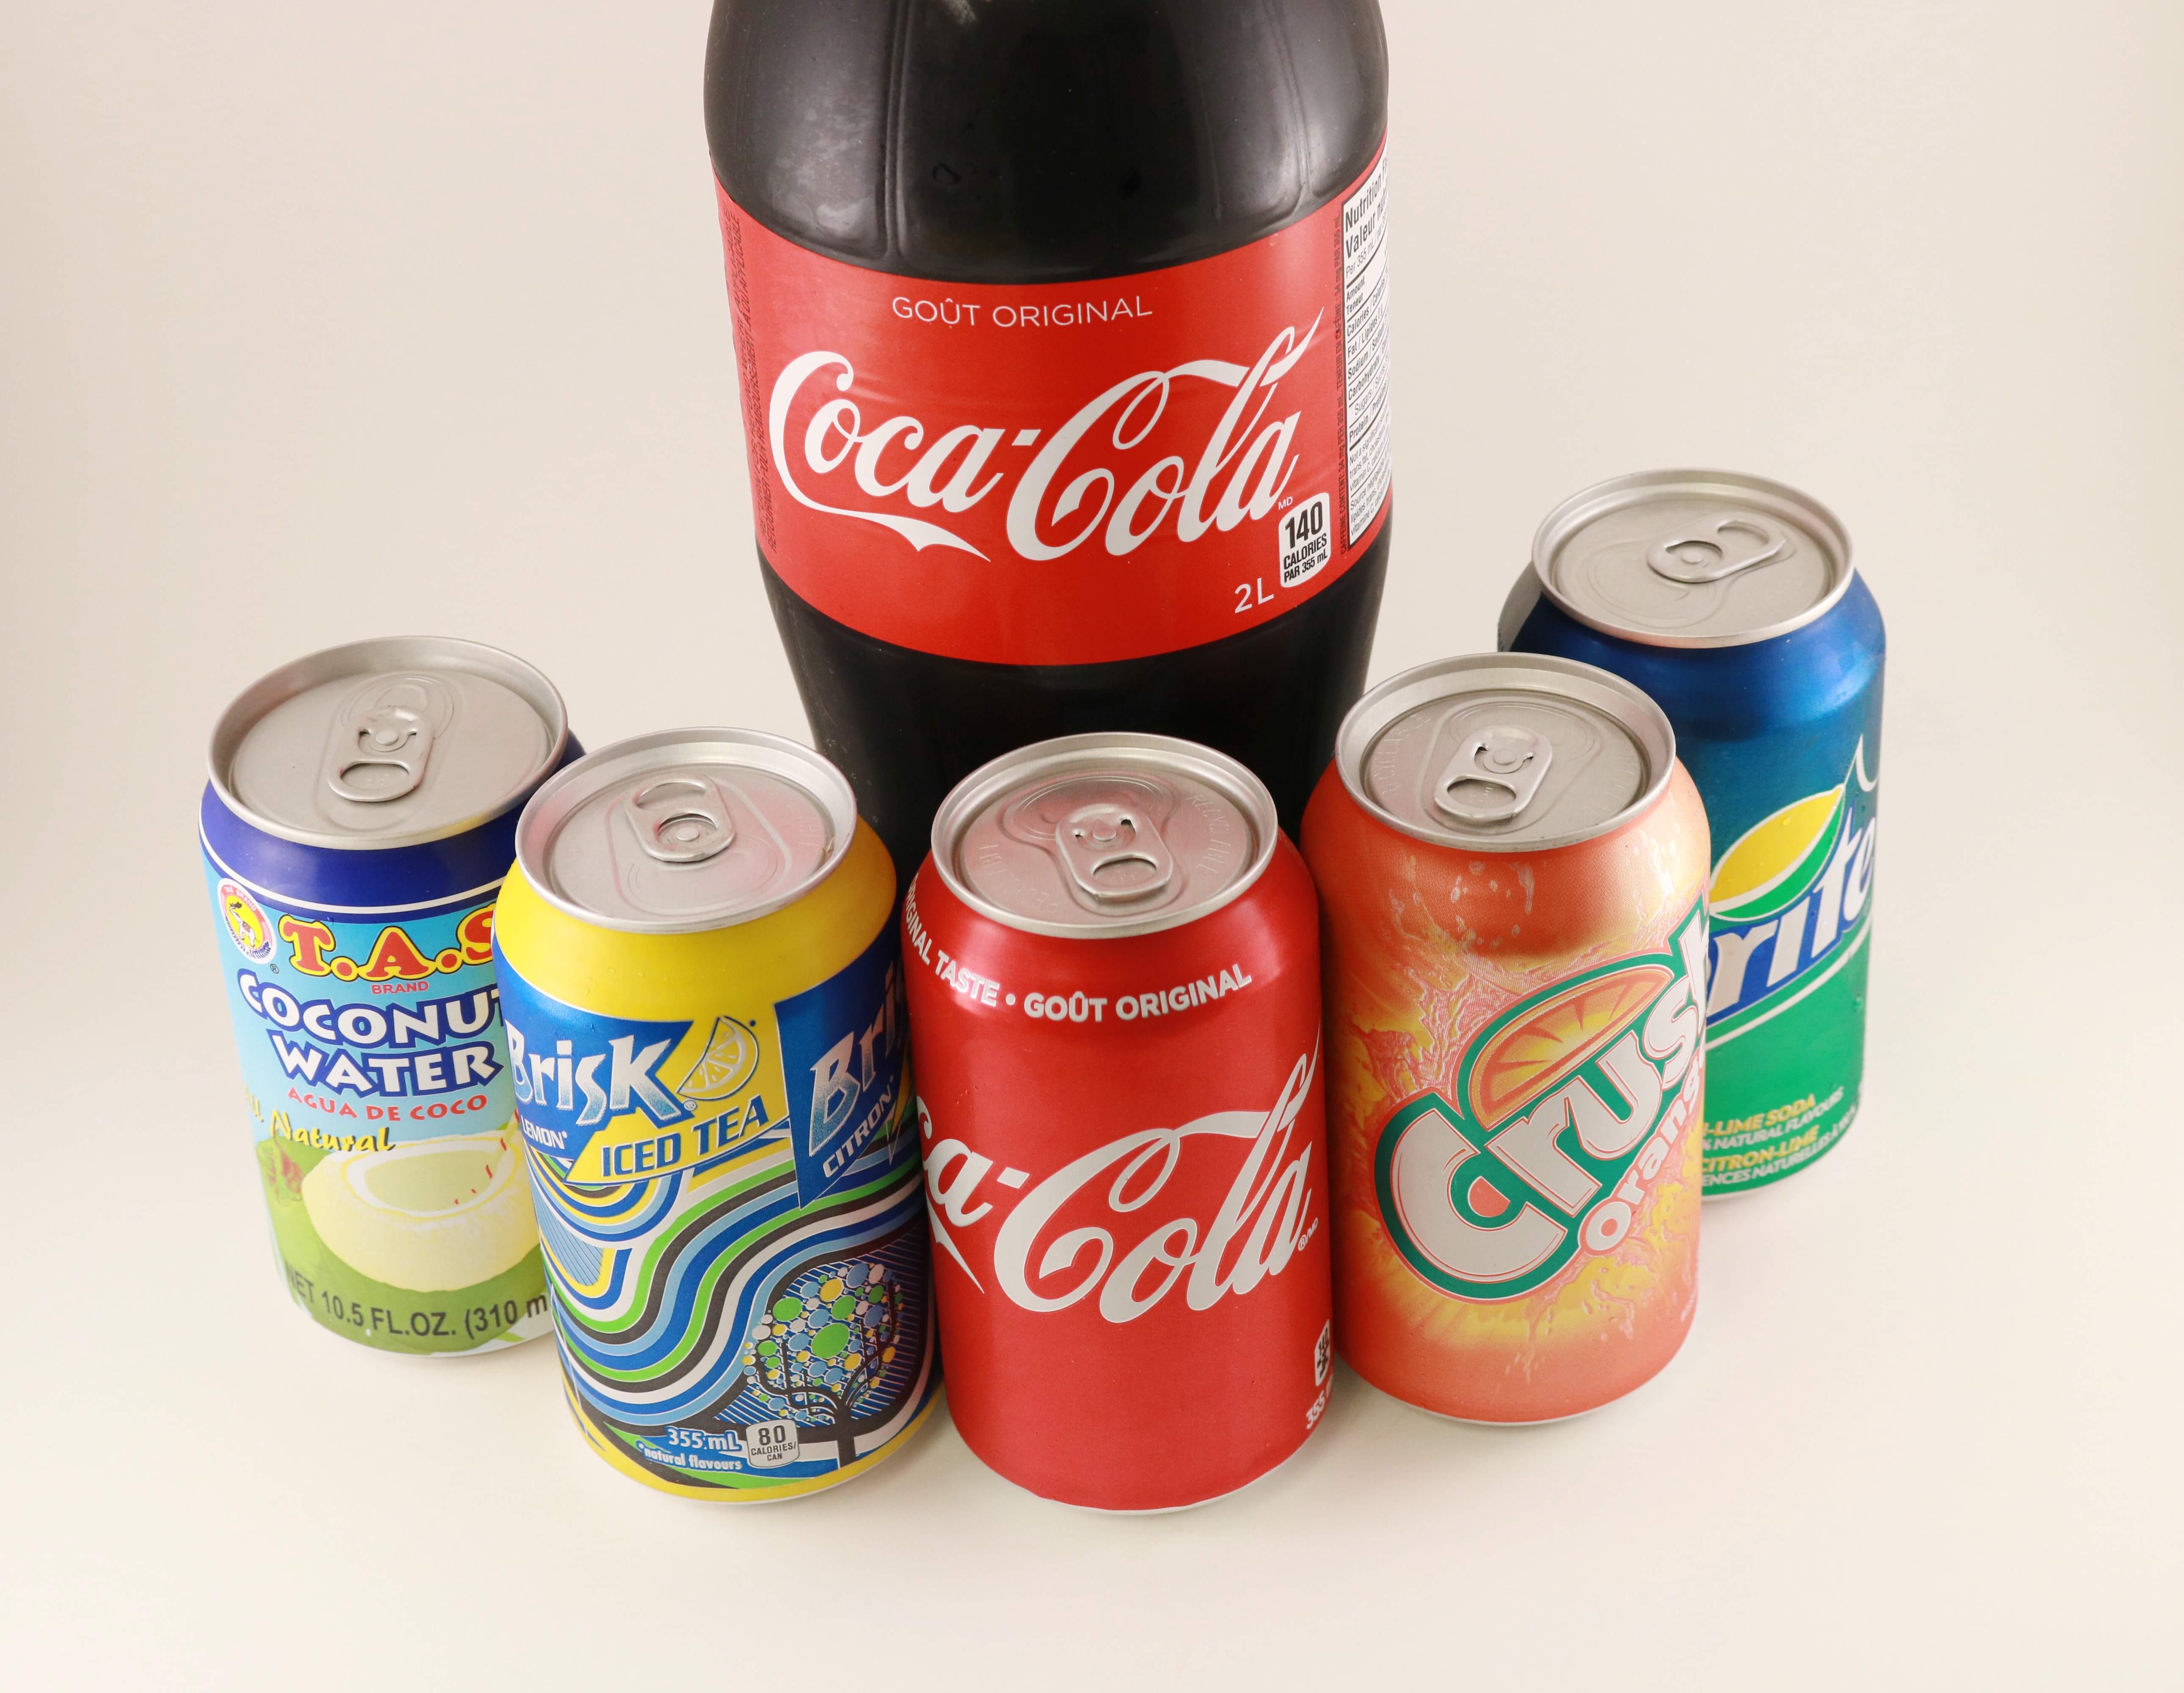 2 Liter Coke Image